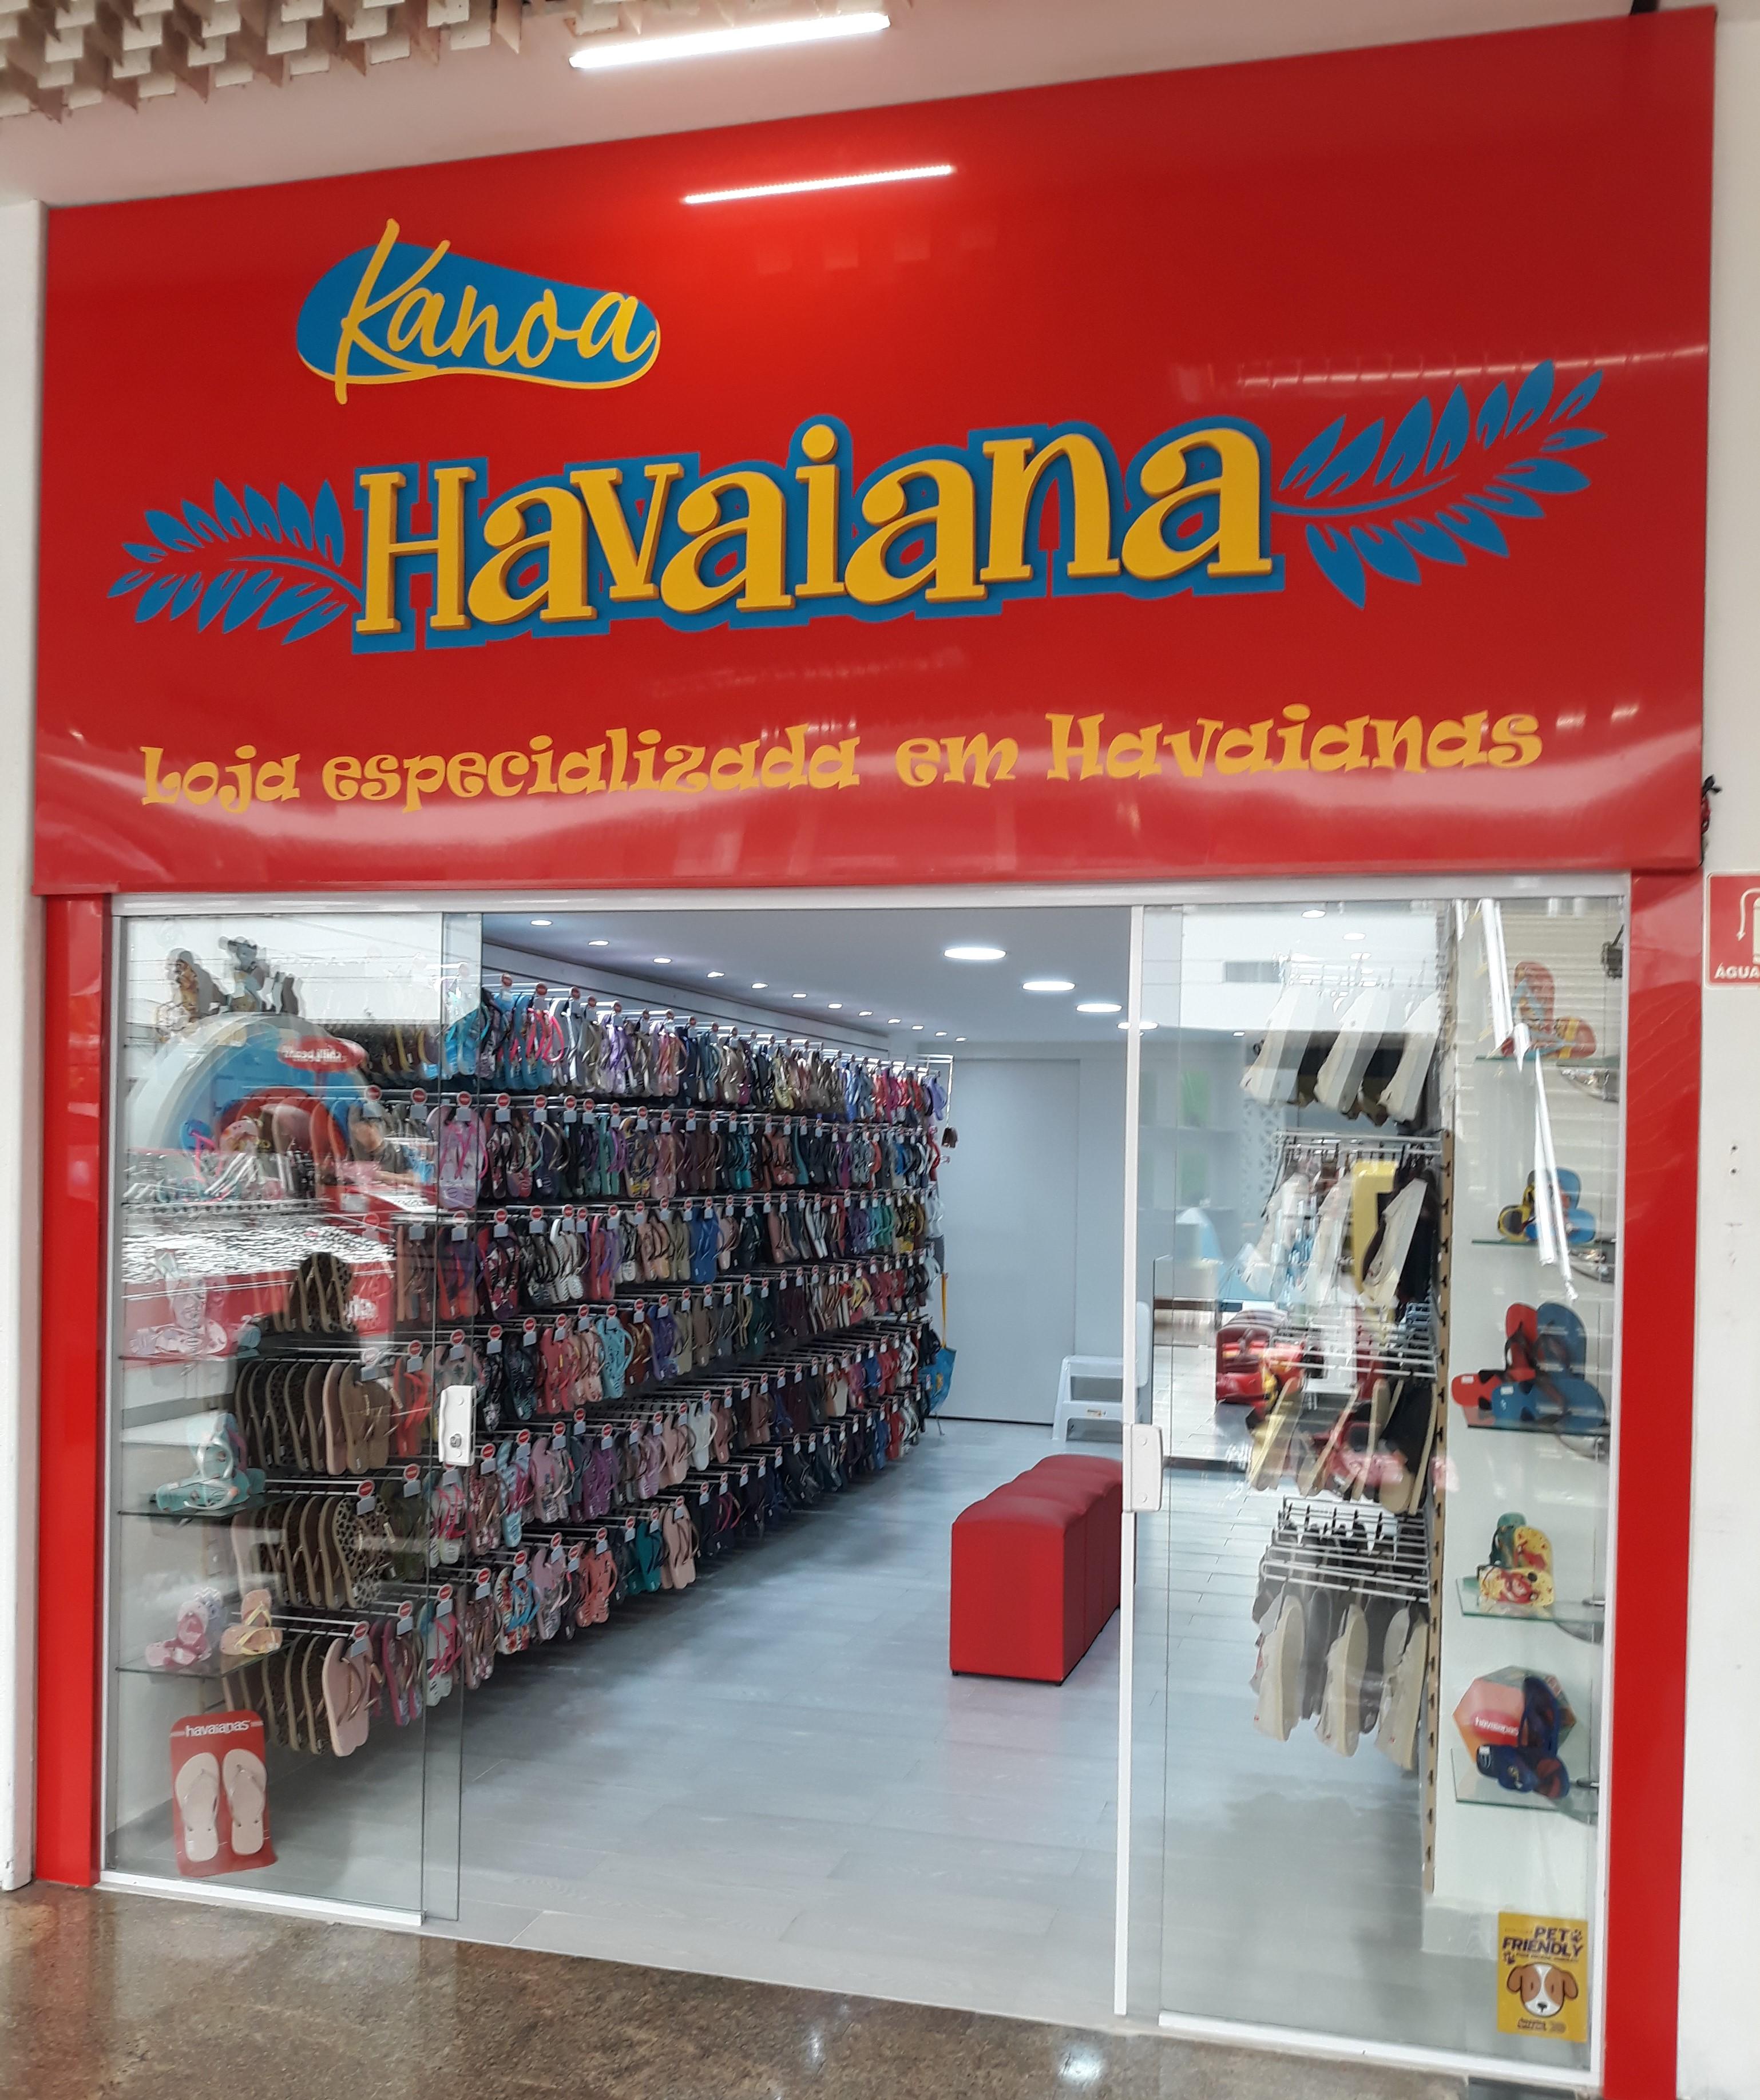 KANOA – HAVAIANA